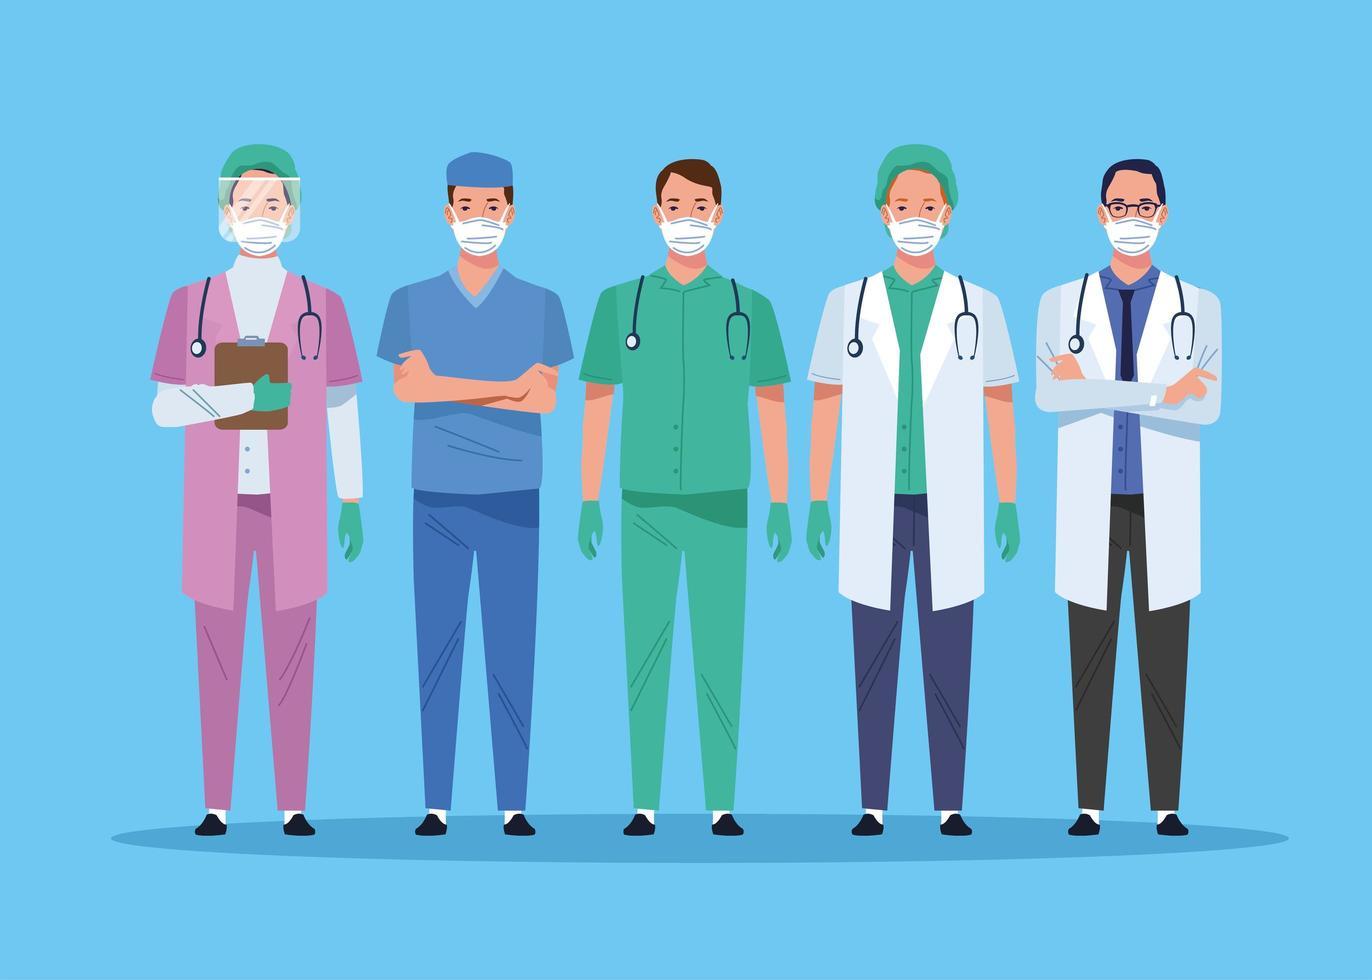 karakters van gezondheidswerkers vector